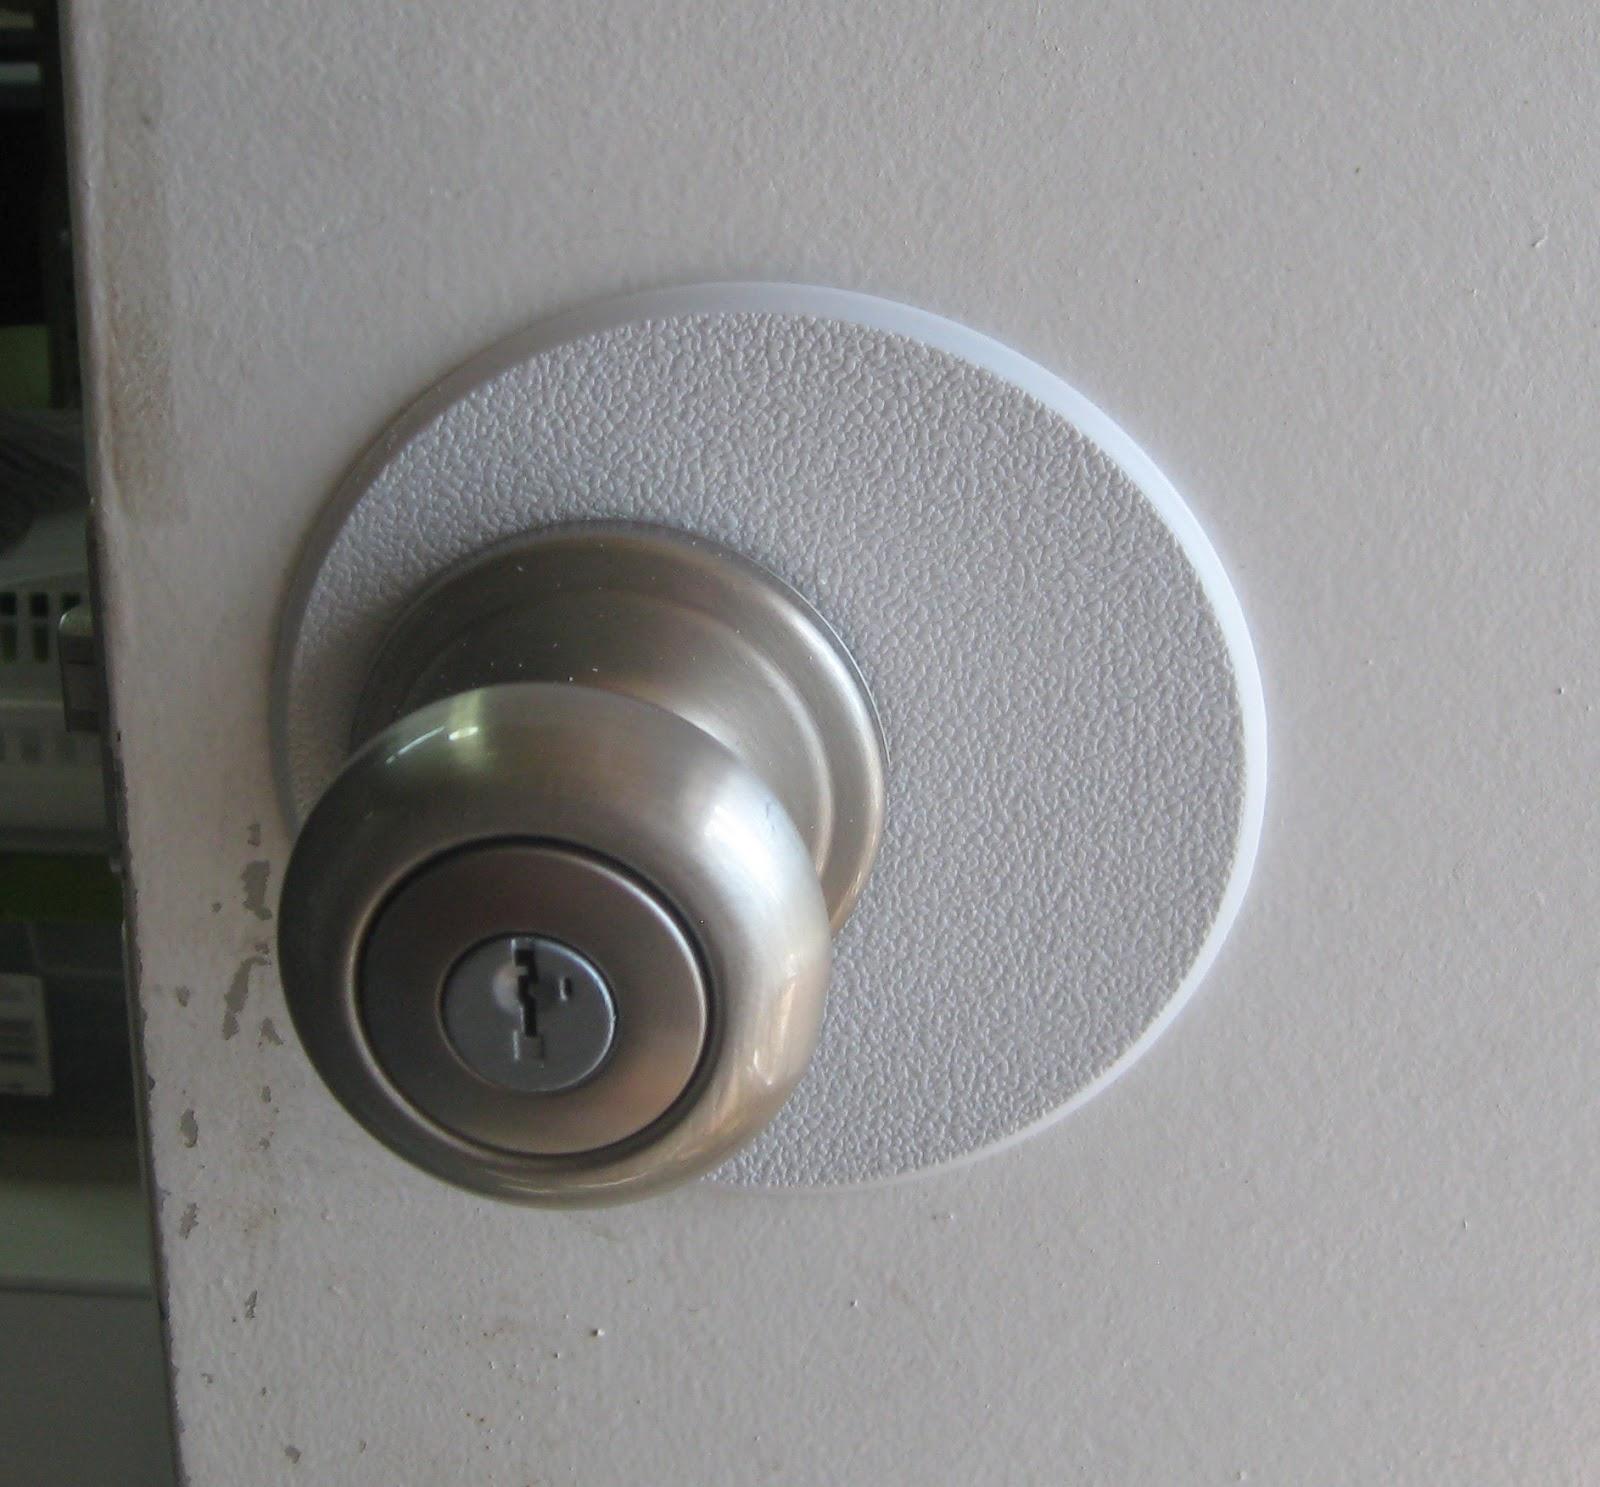 new door knob photo - 1